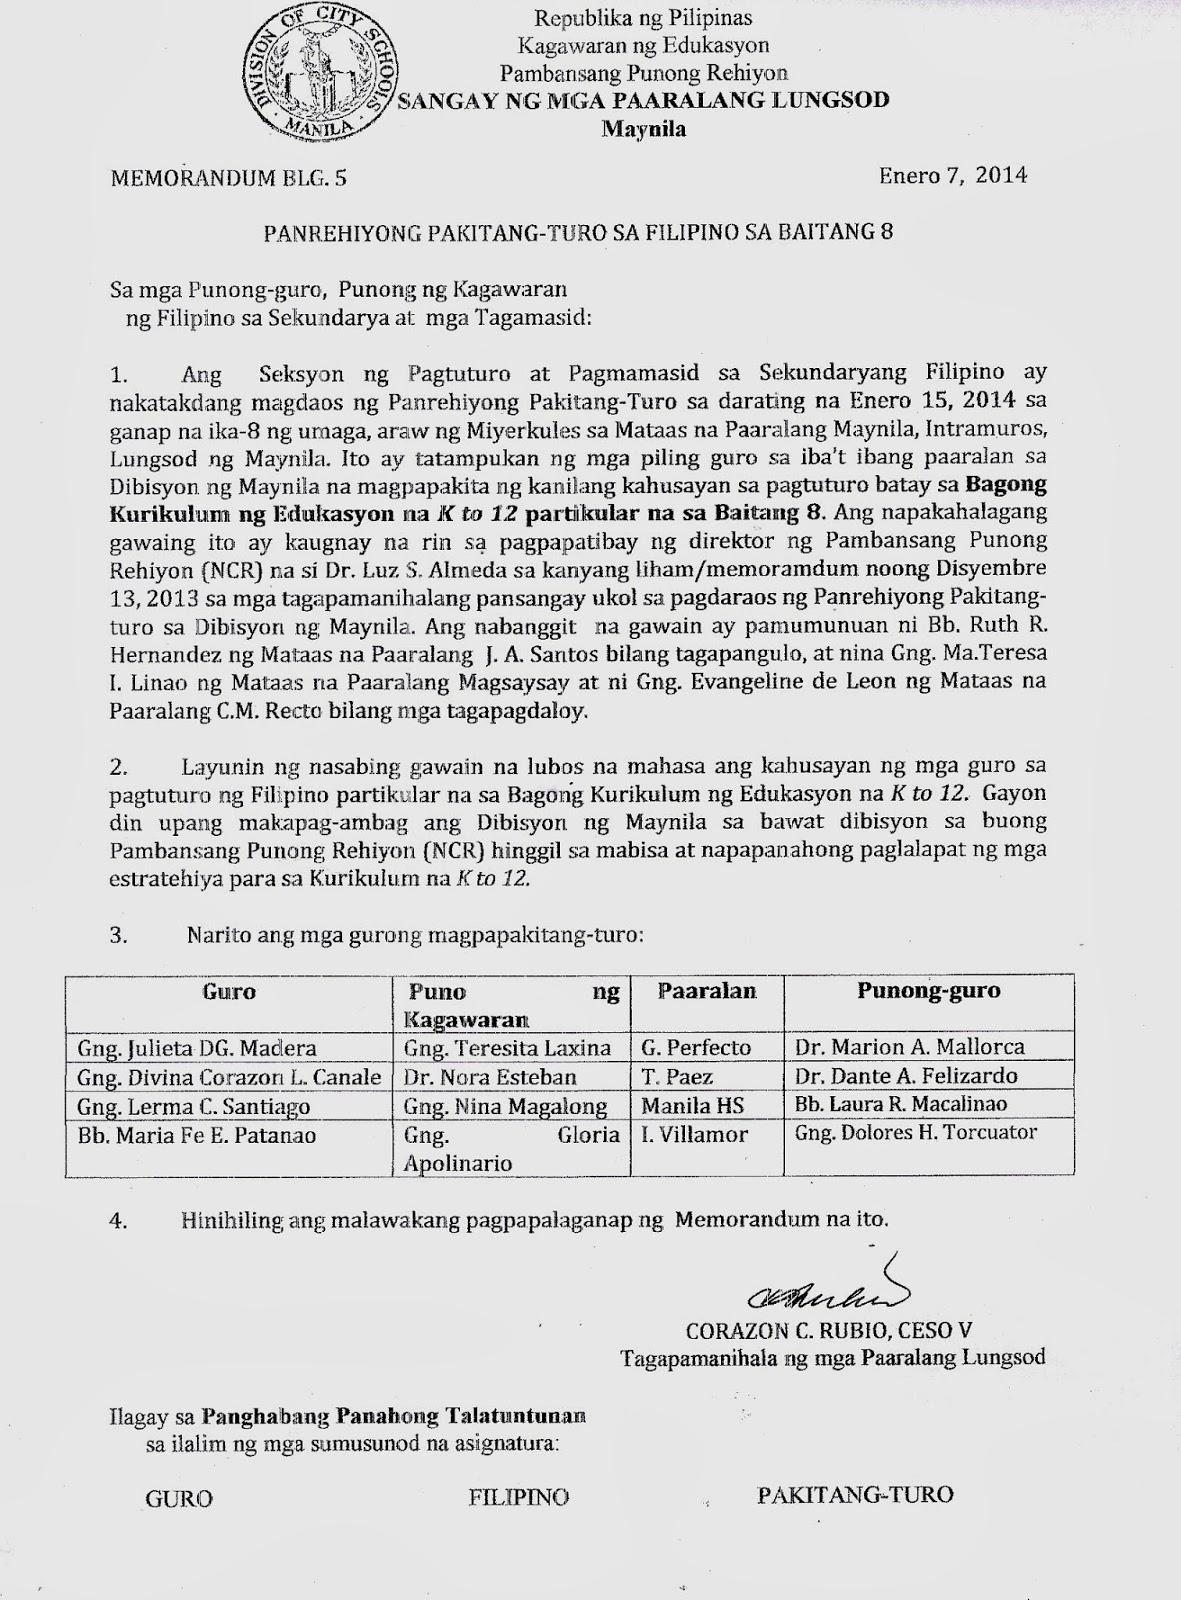 Department Of Education Manila Division Memorandum No 5